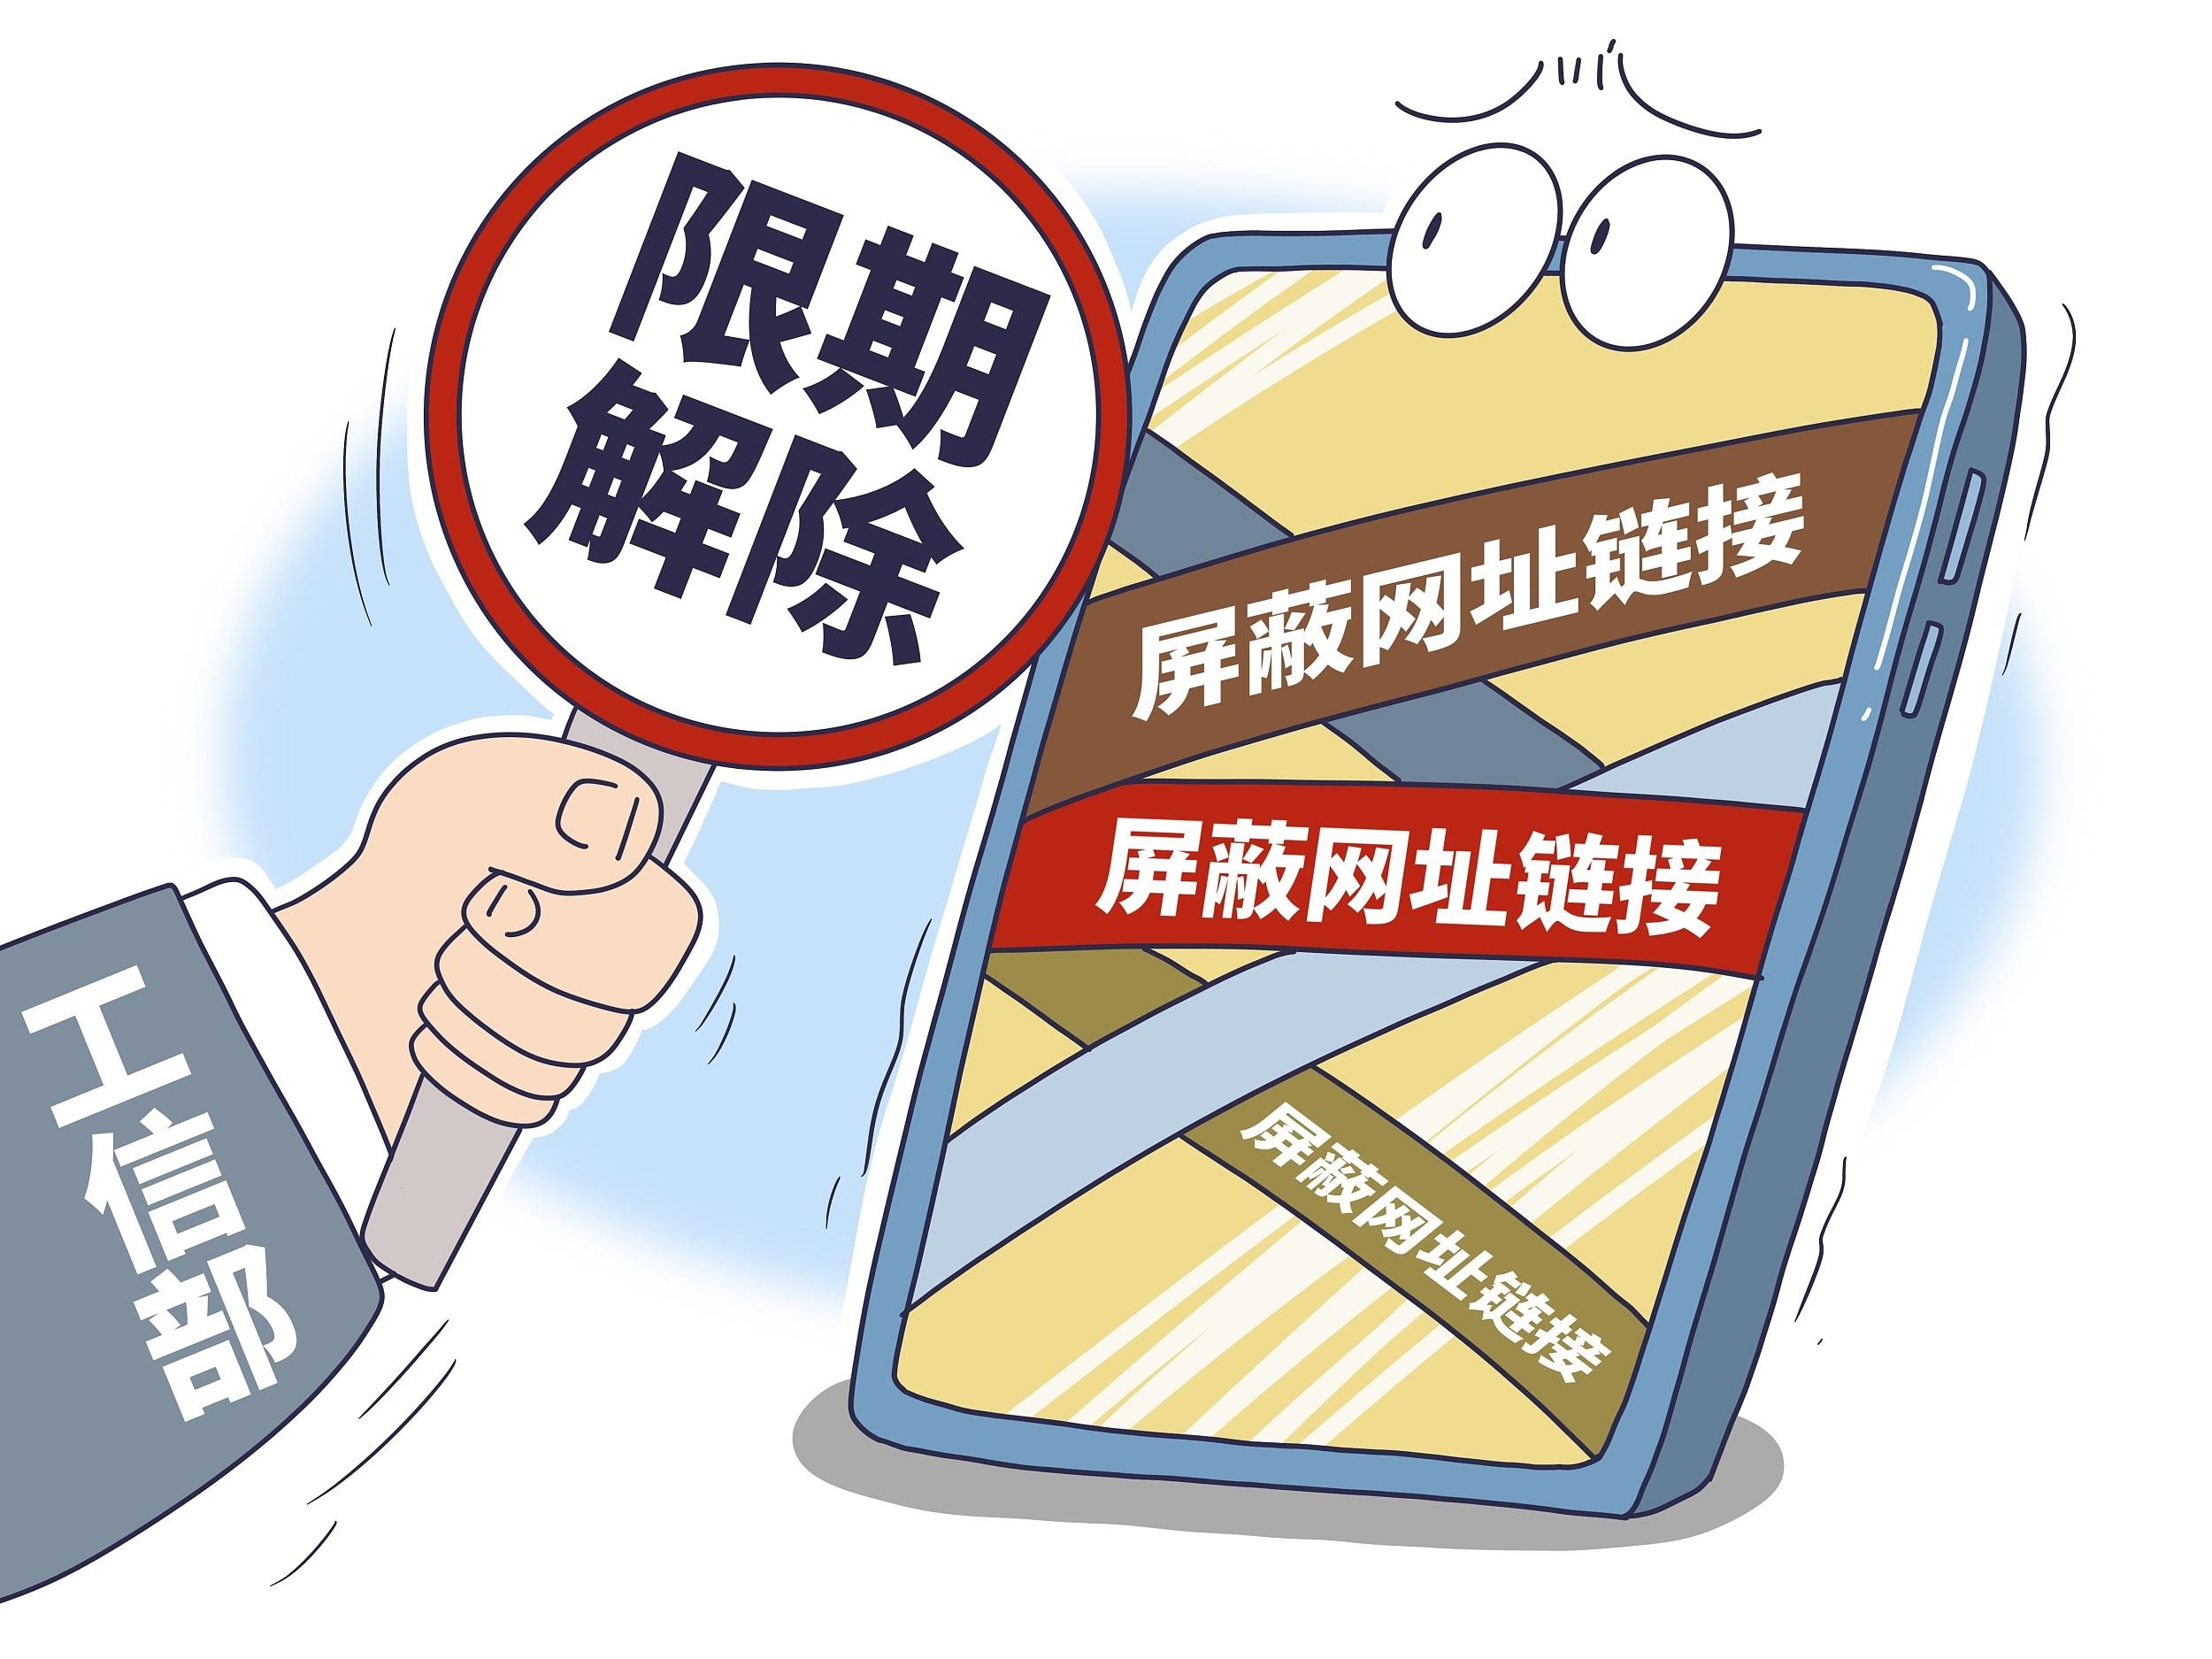 屏蔽网址链接是互联网行业专项整治重点问题之一。图片来源:视觉中国